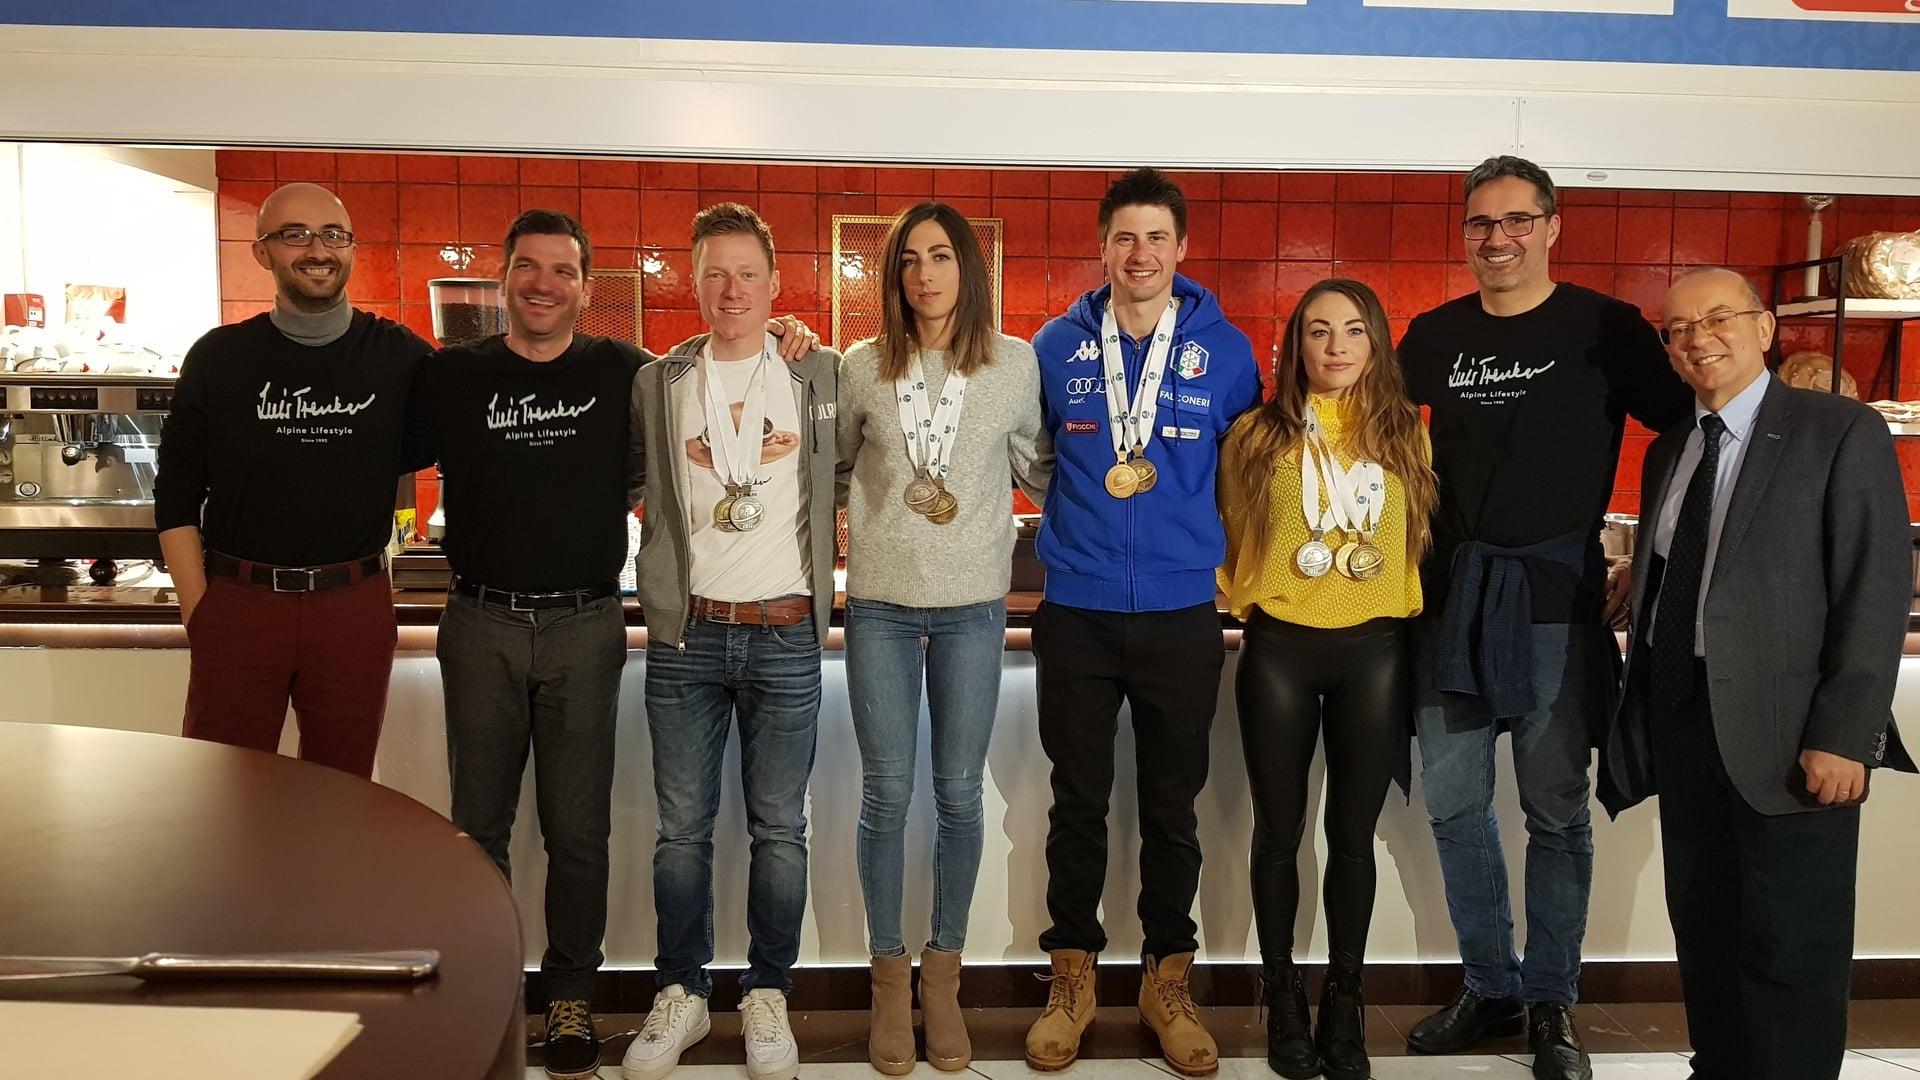 17.03.2019 - Große Abschlussparty im Antholz House mit allen italienischen Medaillengewinnern der WM in Östersund